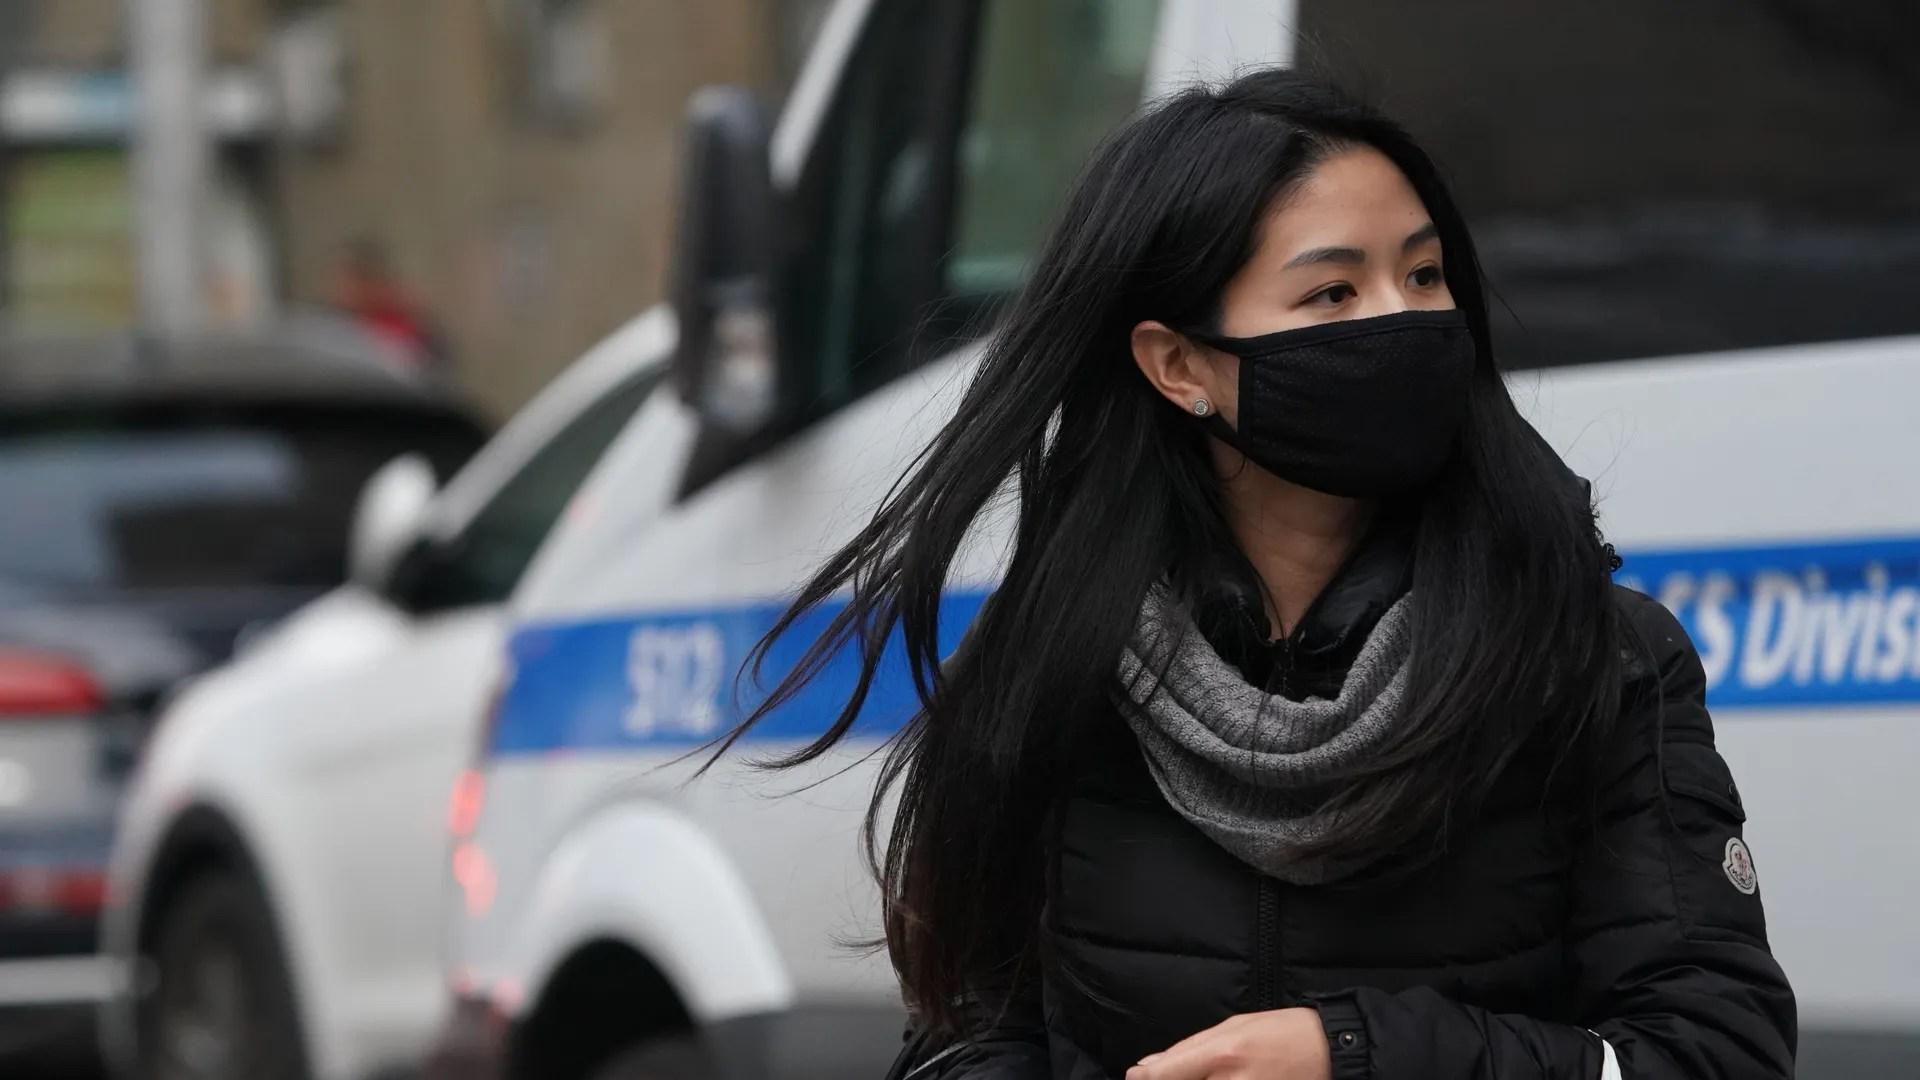 Coronavirus fears spark run on surgical face masks in U.S. - Axios